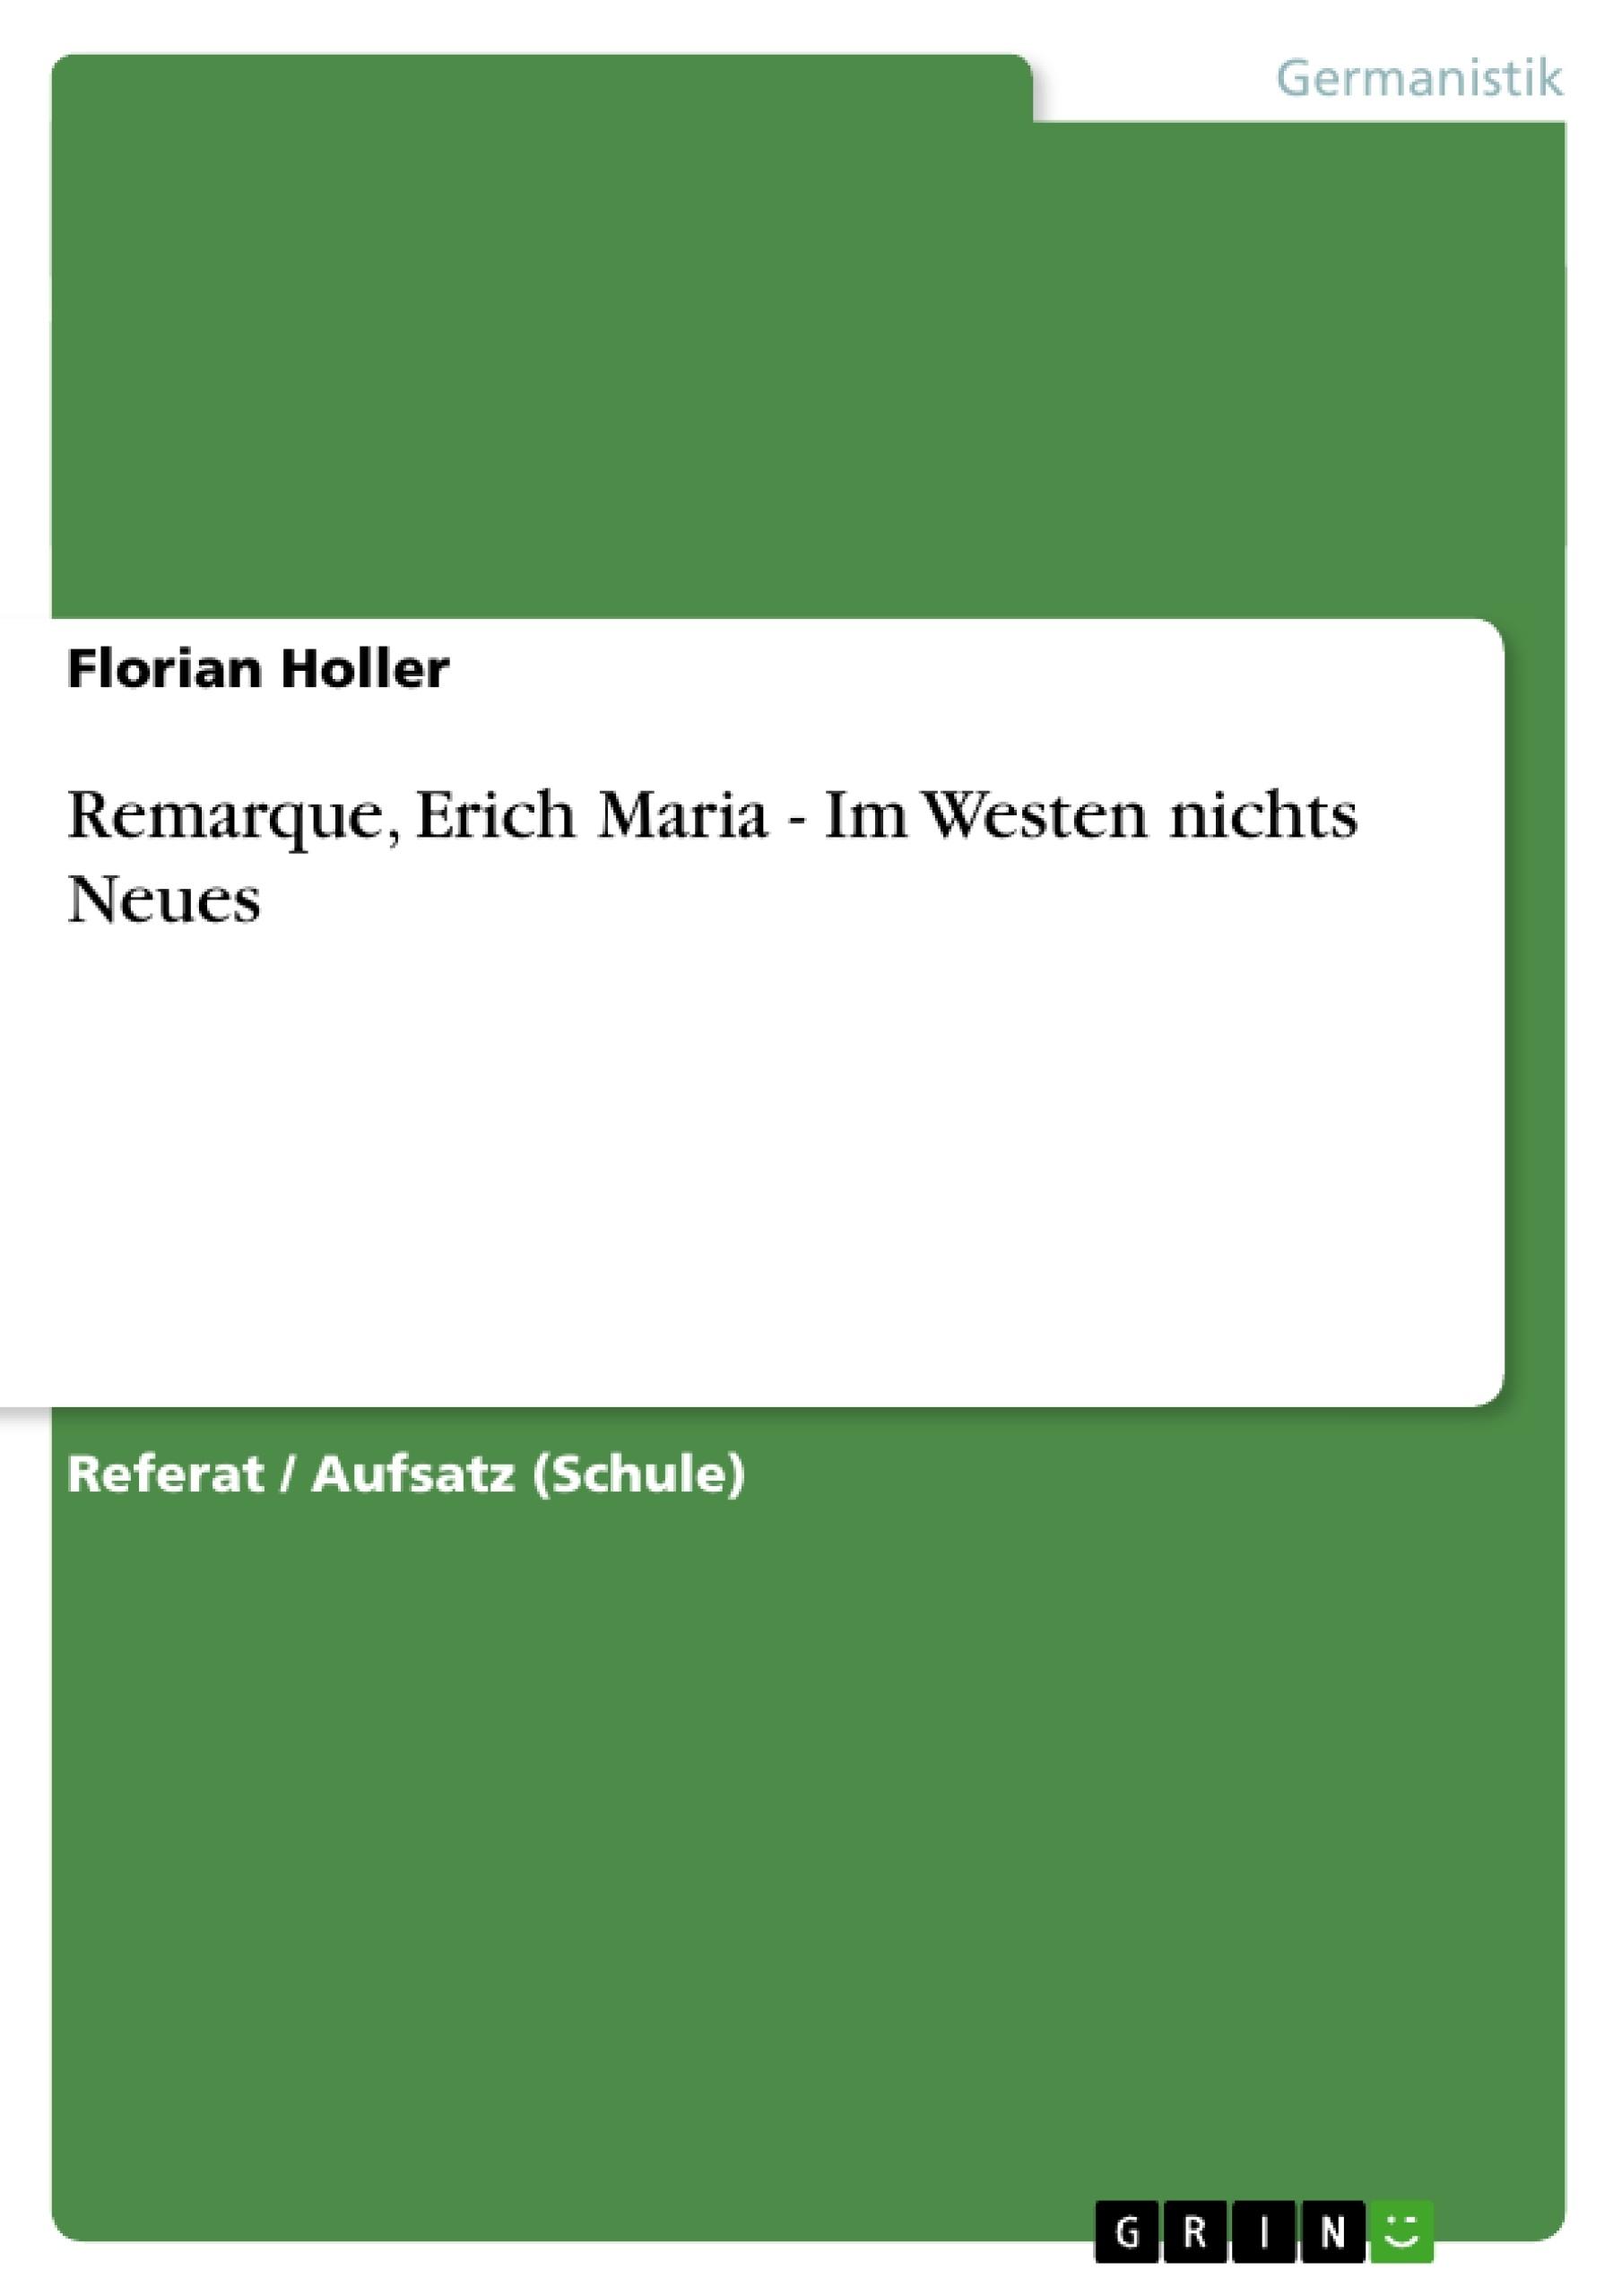 Remarque, Erich Maria - Im Westen nichts Neues | Masterarbeit ...